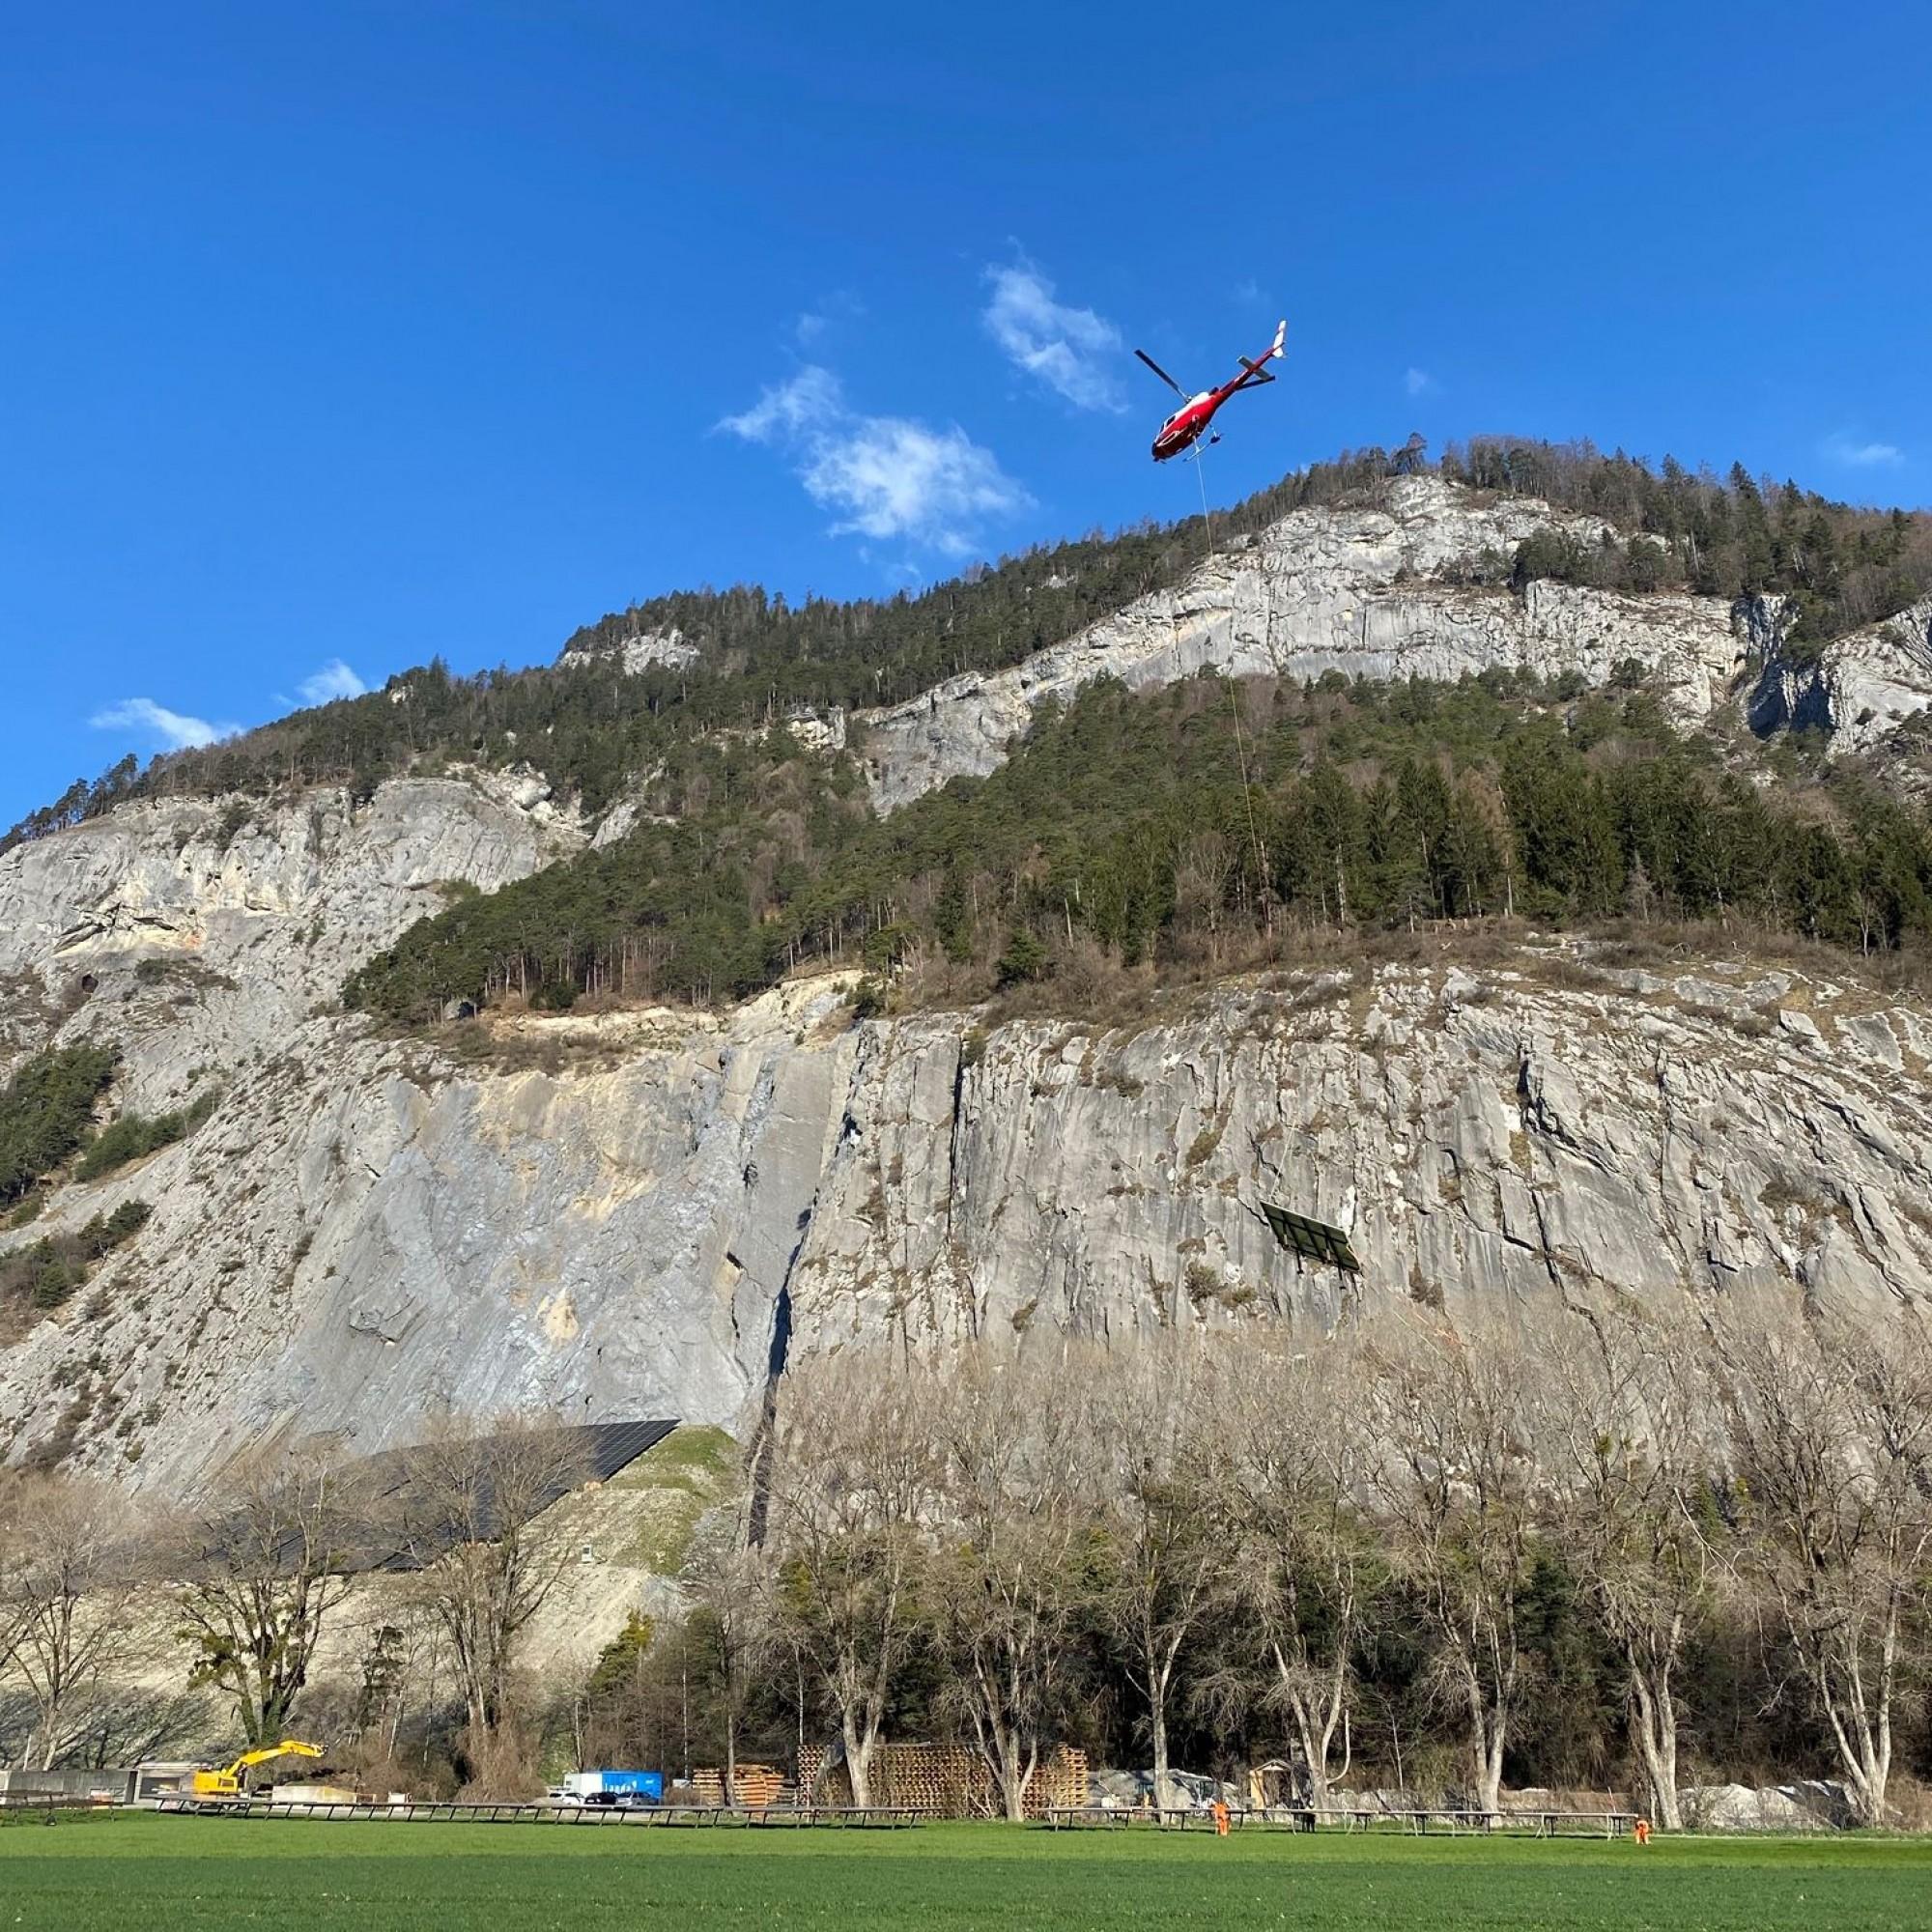 Helikopter transportiert PV-Modul zum Zielort.